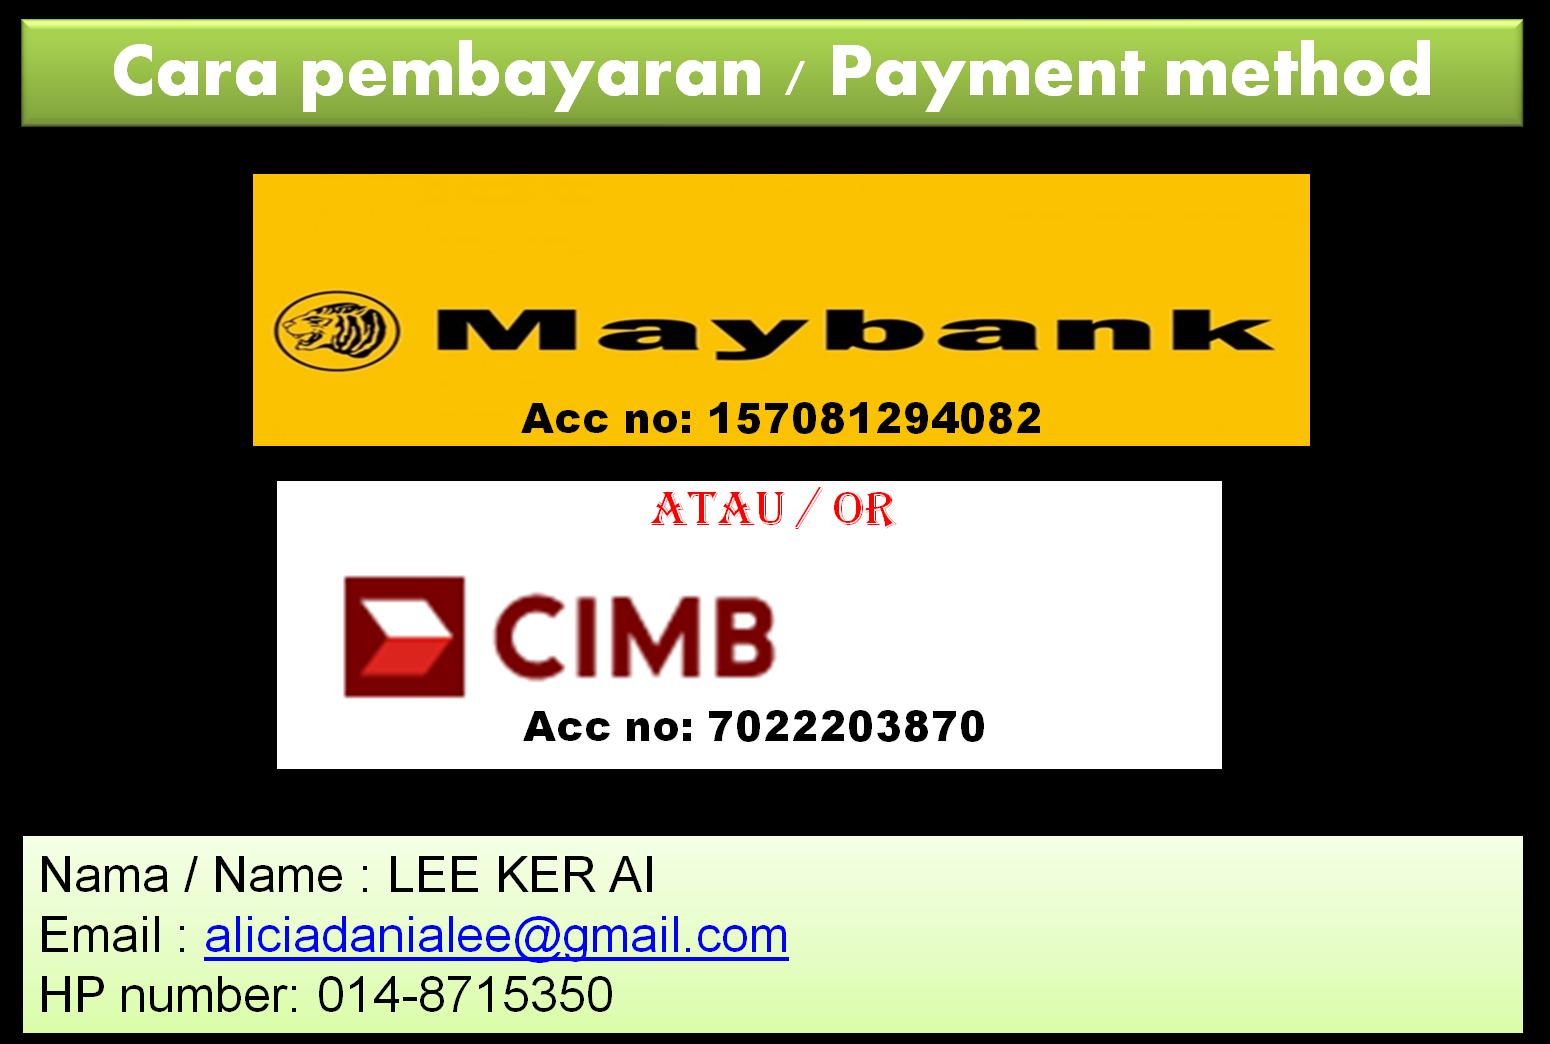 Cara Pembayaran / Payment method